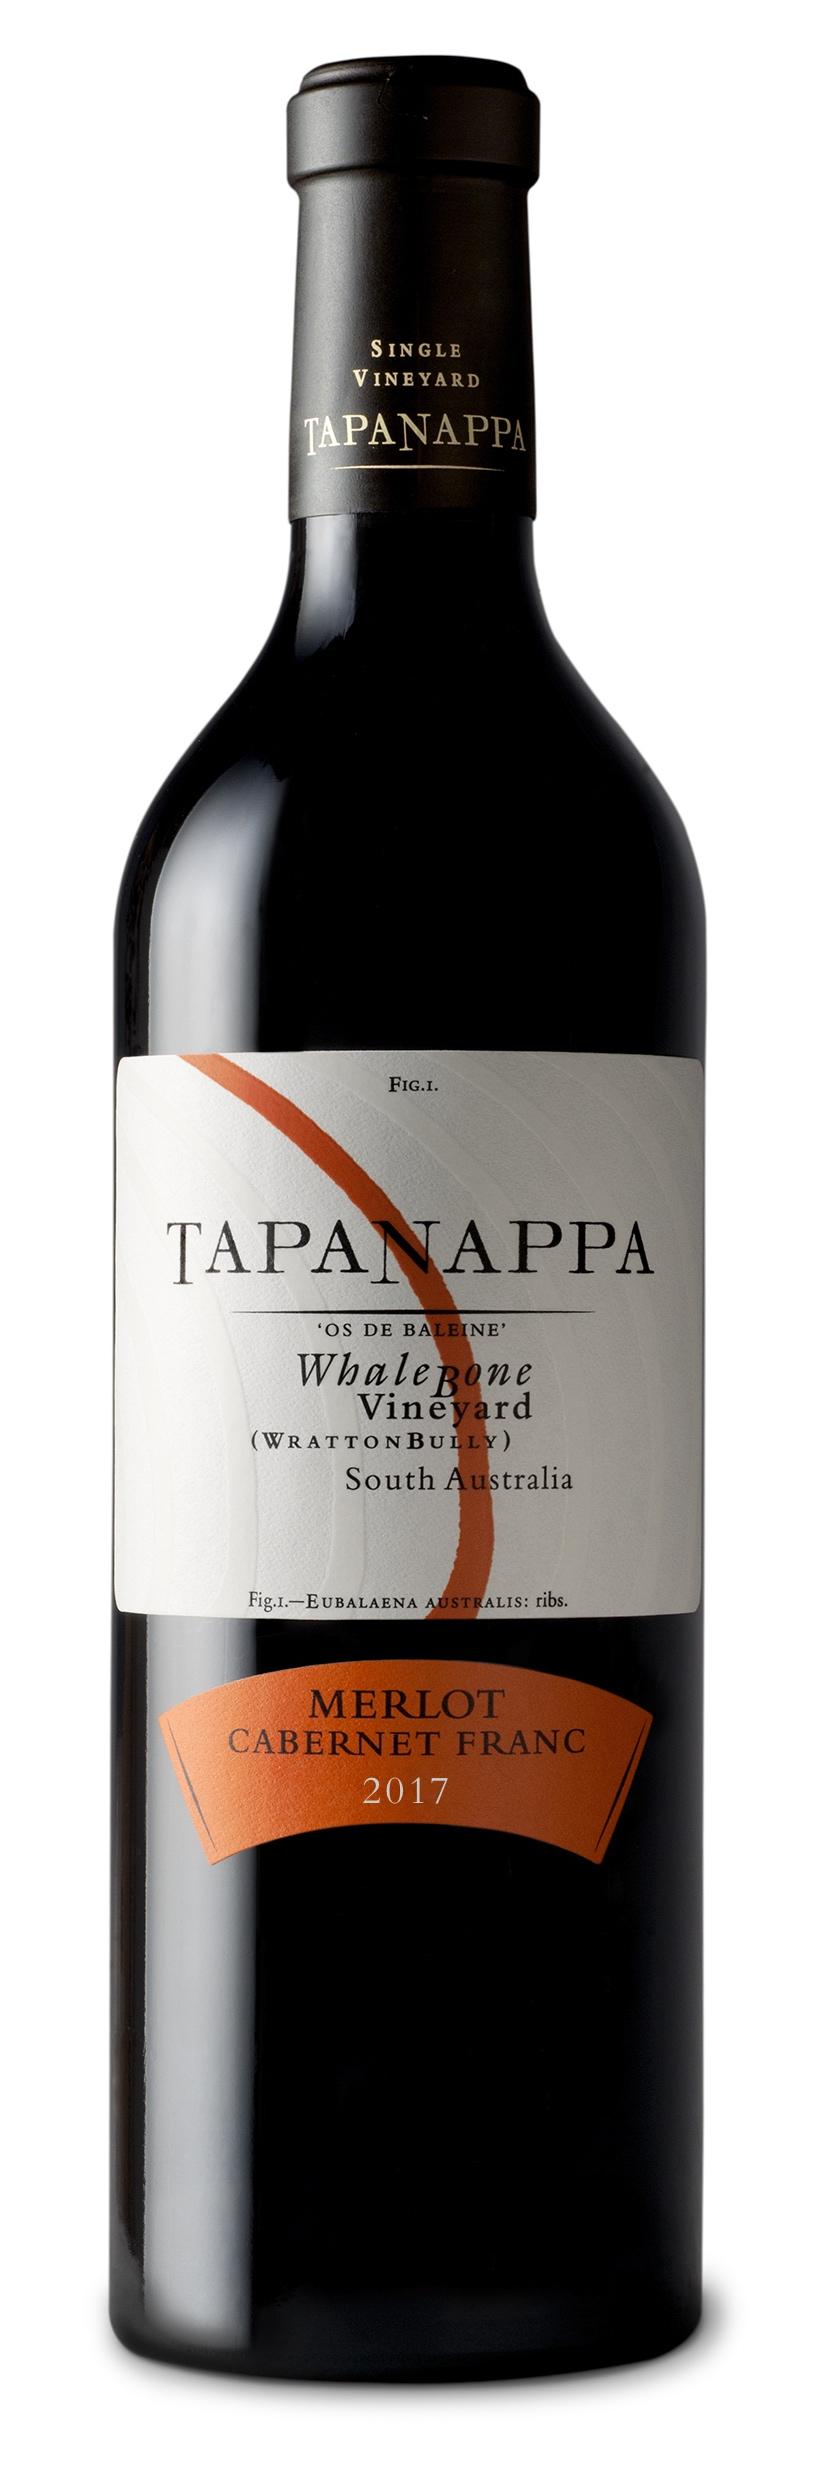 Tapanappa Whalebone Vineyard 2017 Merlot Cabernet Franc